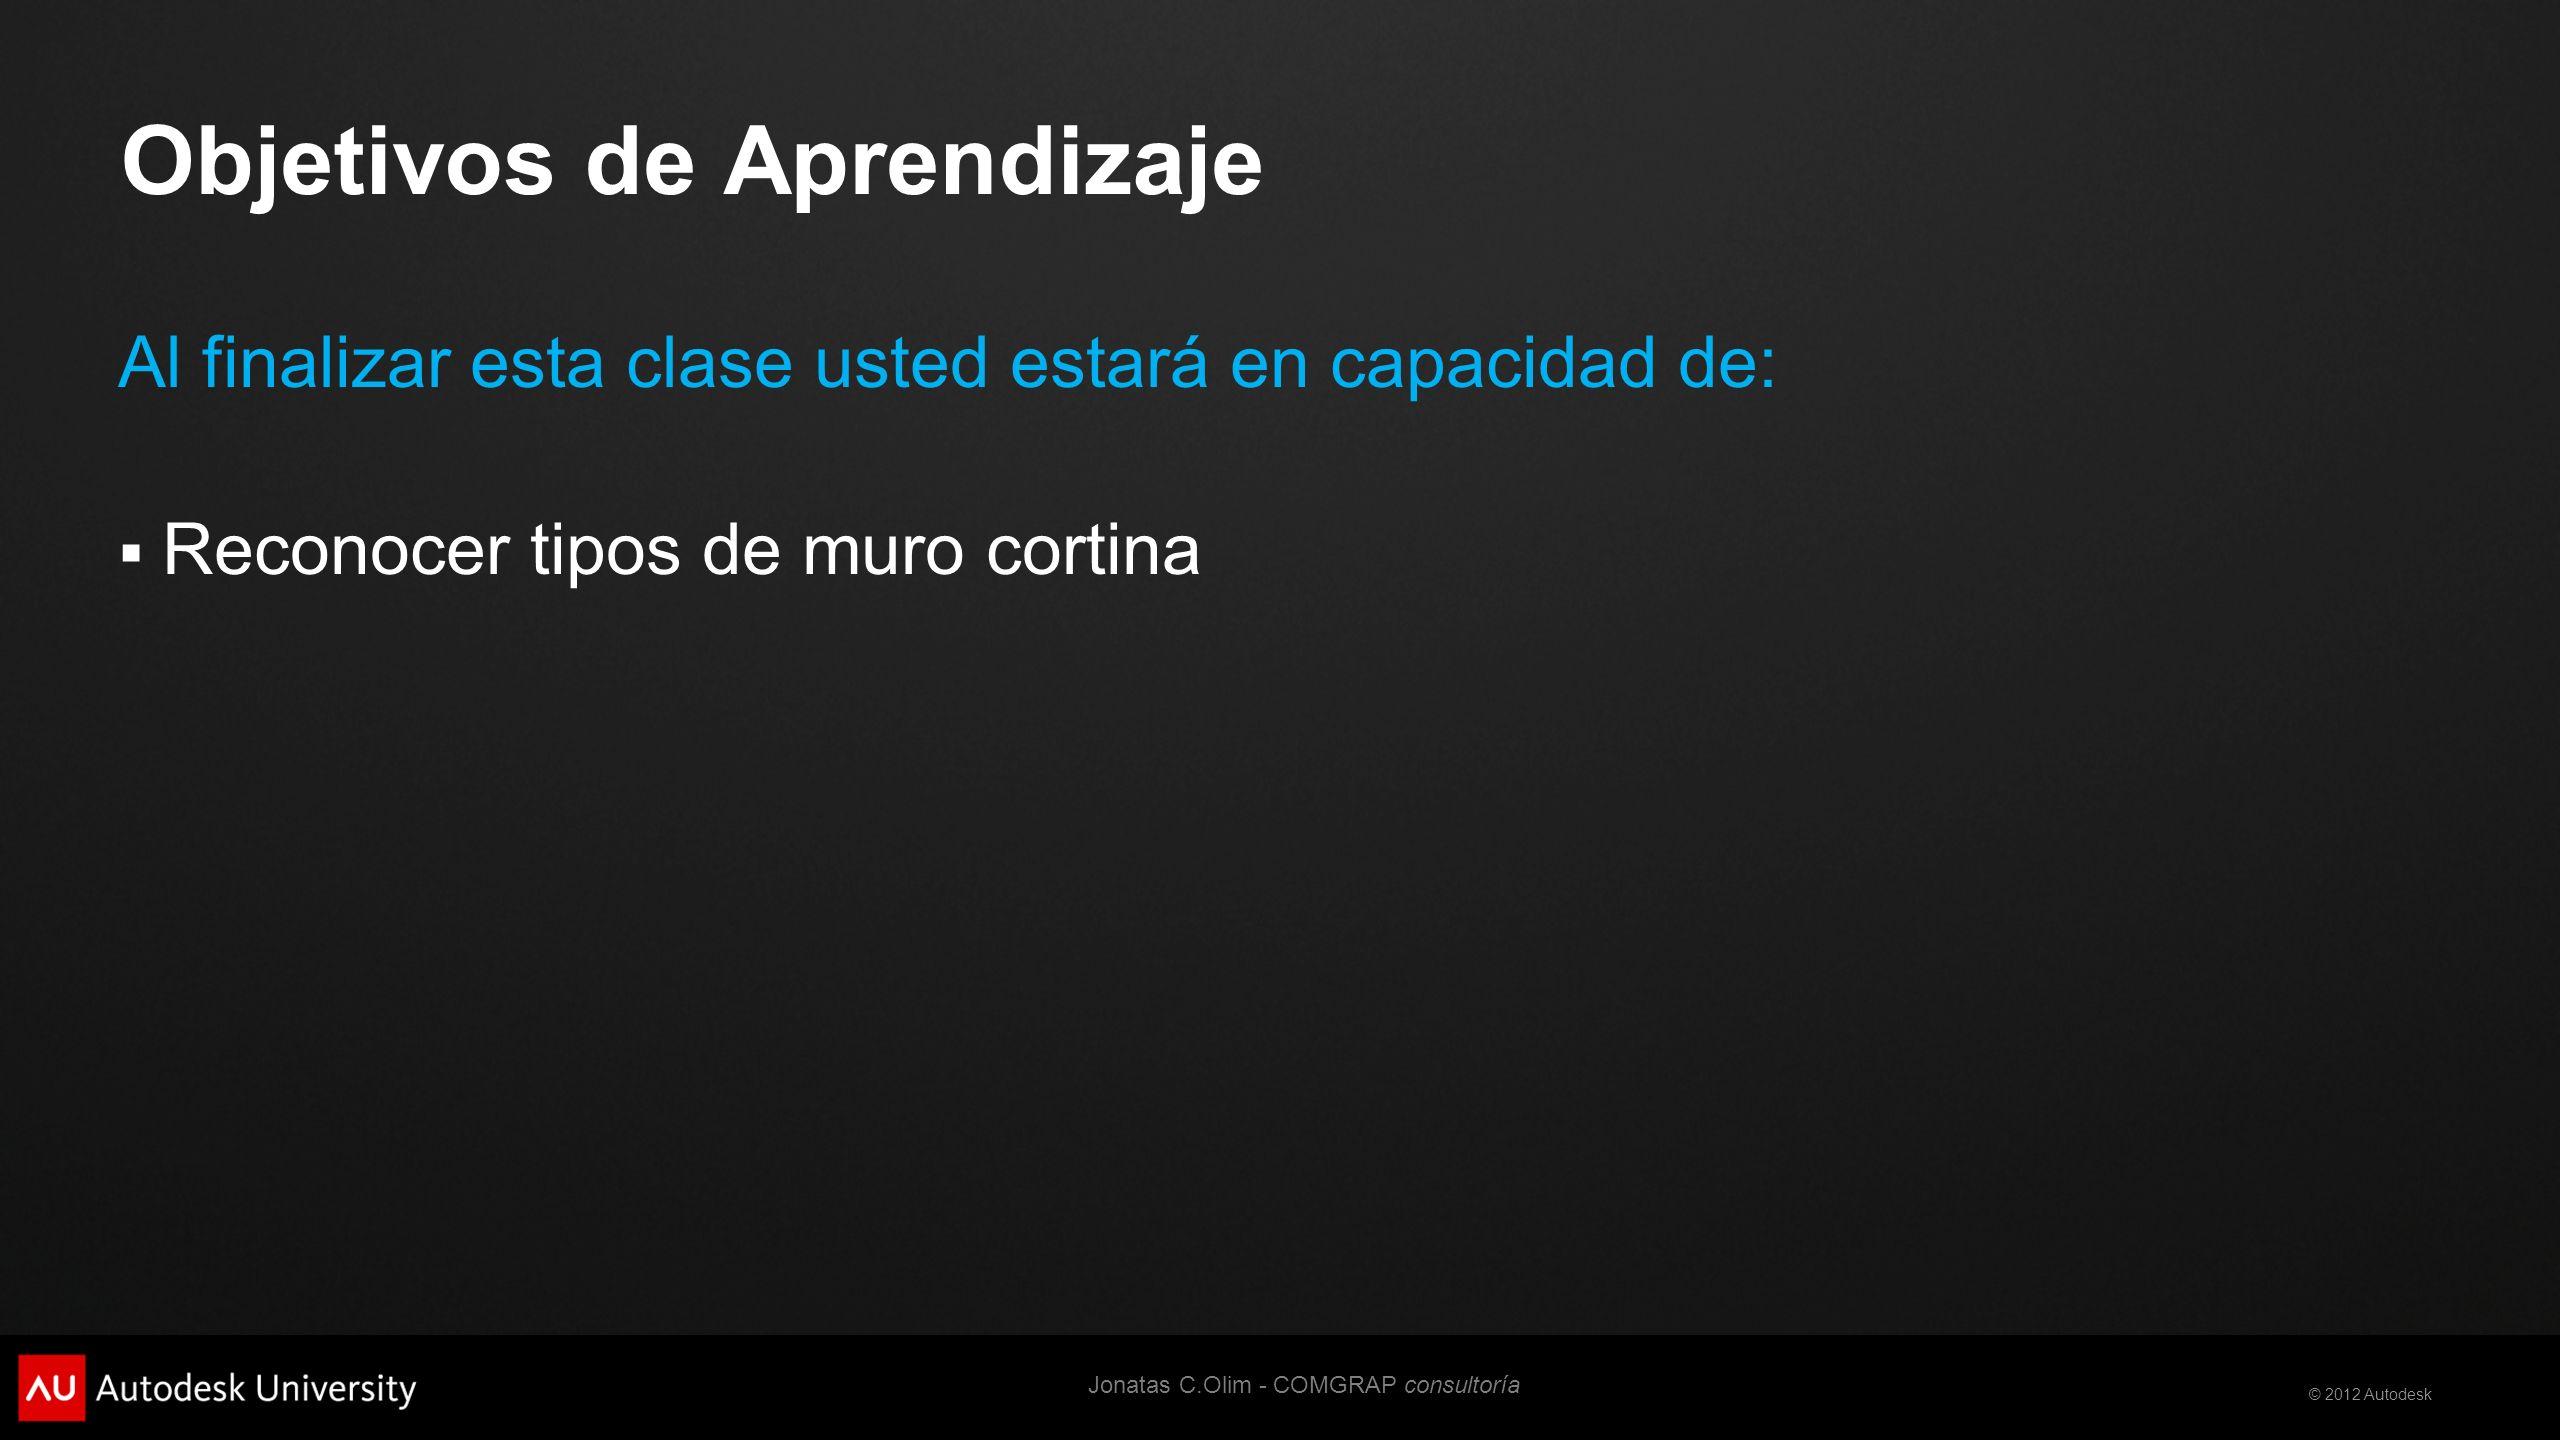 © 2012 Autodesk Objetivos de Aprendizaje Al finalizar esta clase usted estará en capacidad de: Reconocer tipos de muro cortina Jonatas C.Olim - COMGRAP consultoría